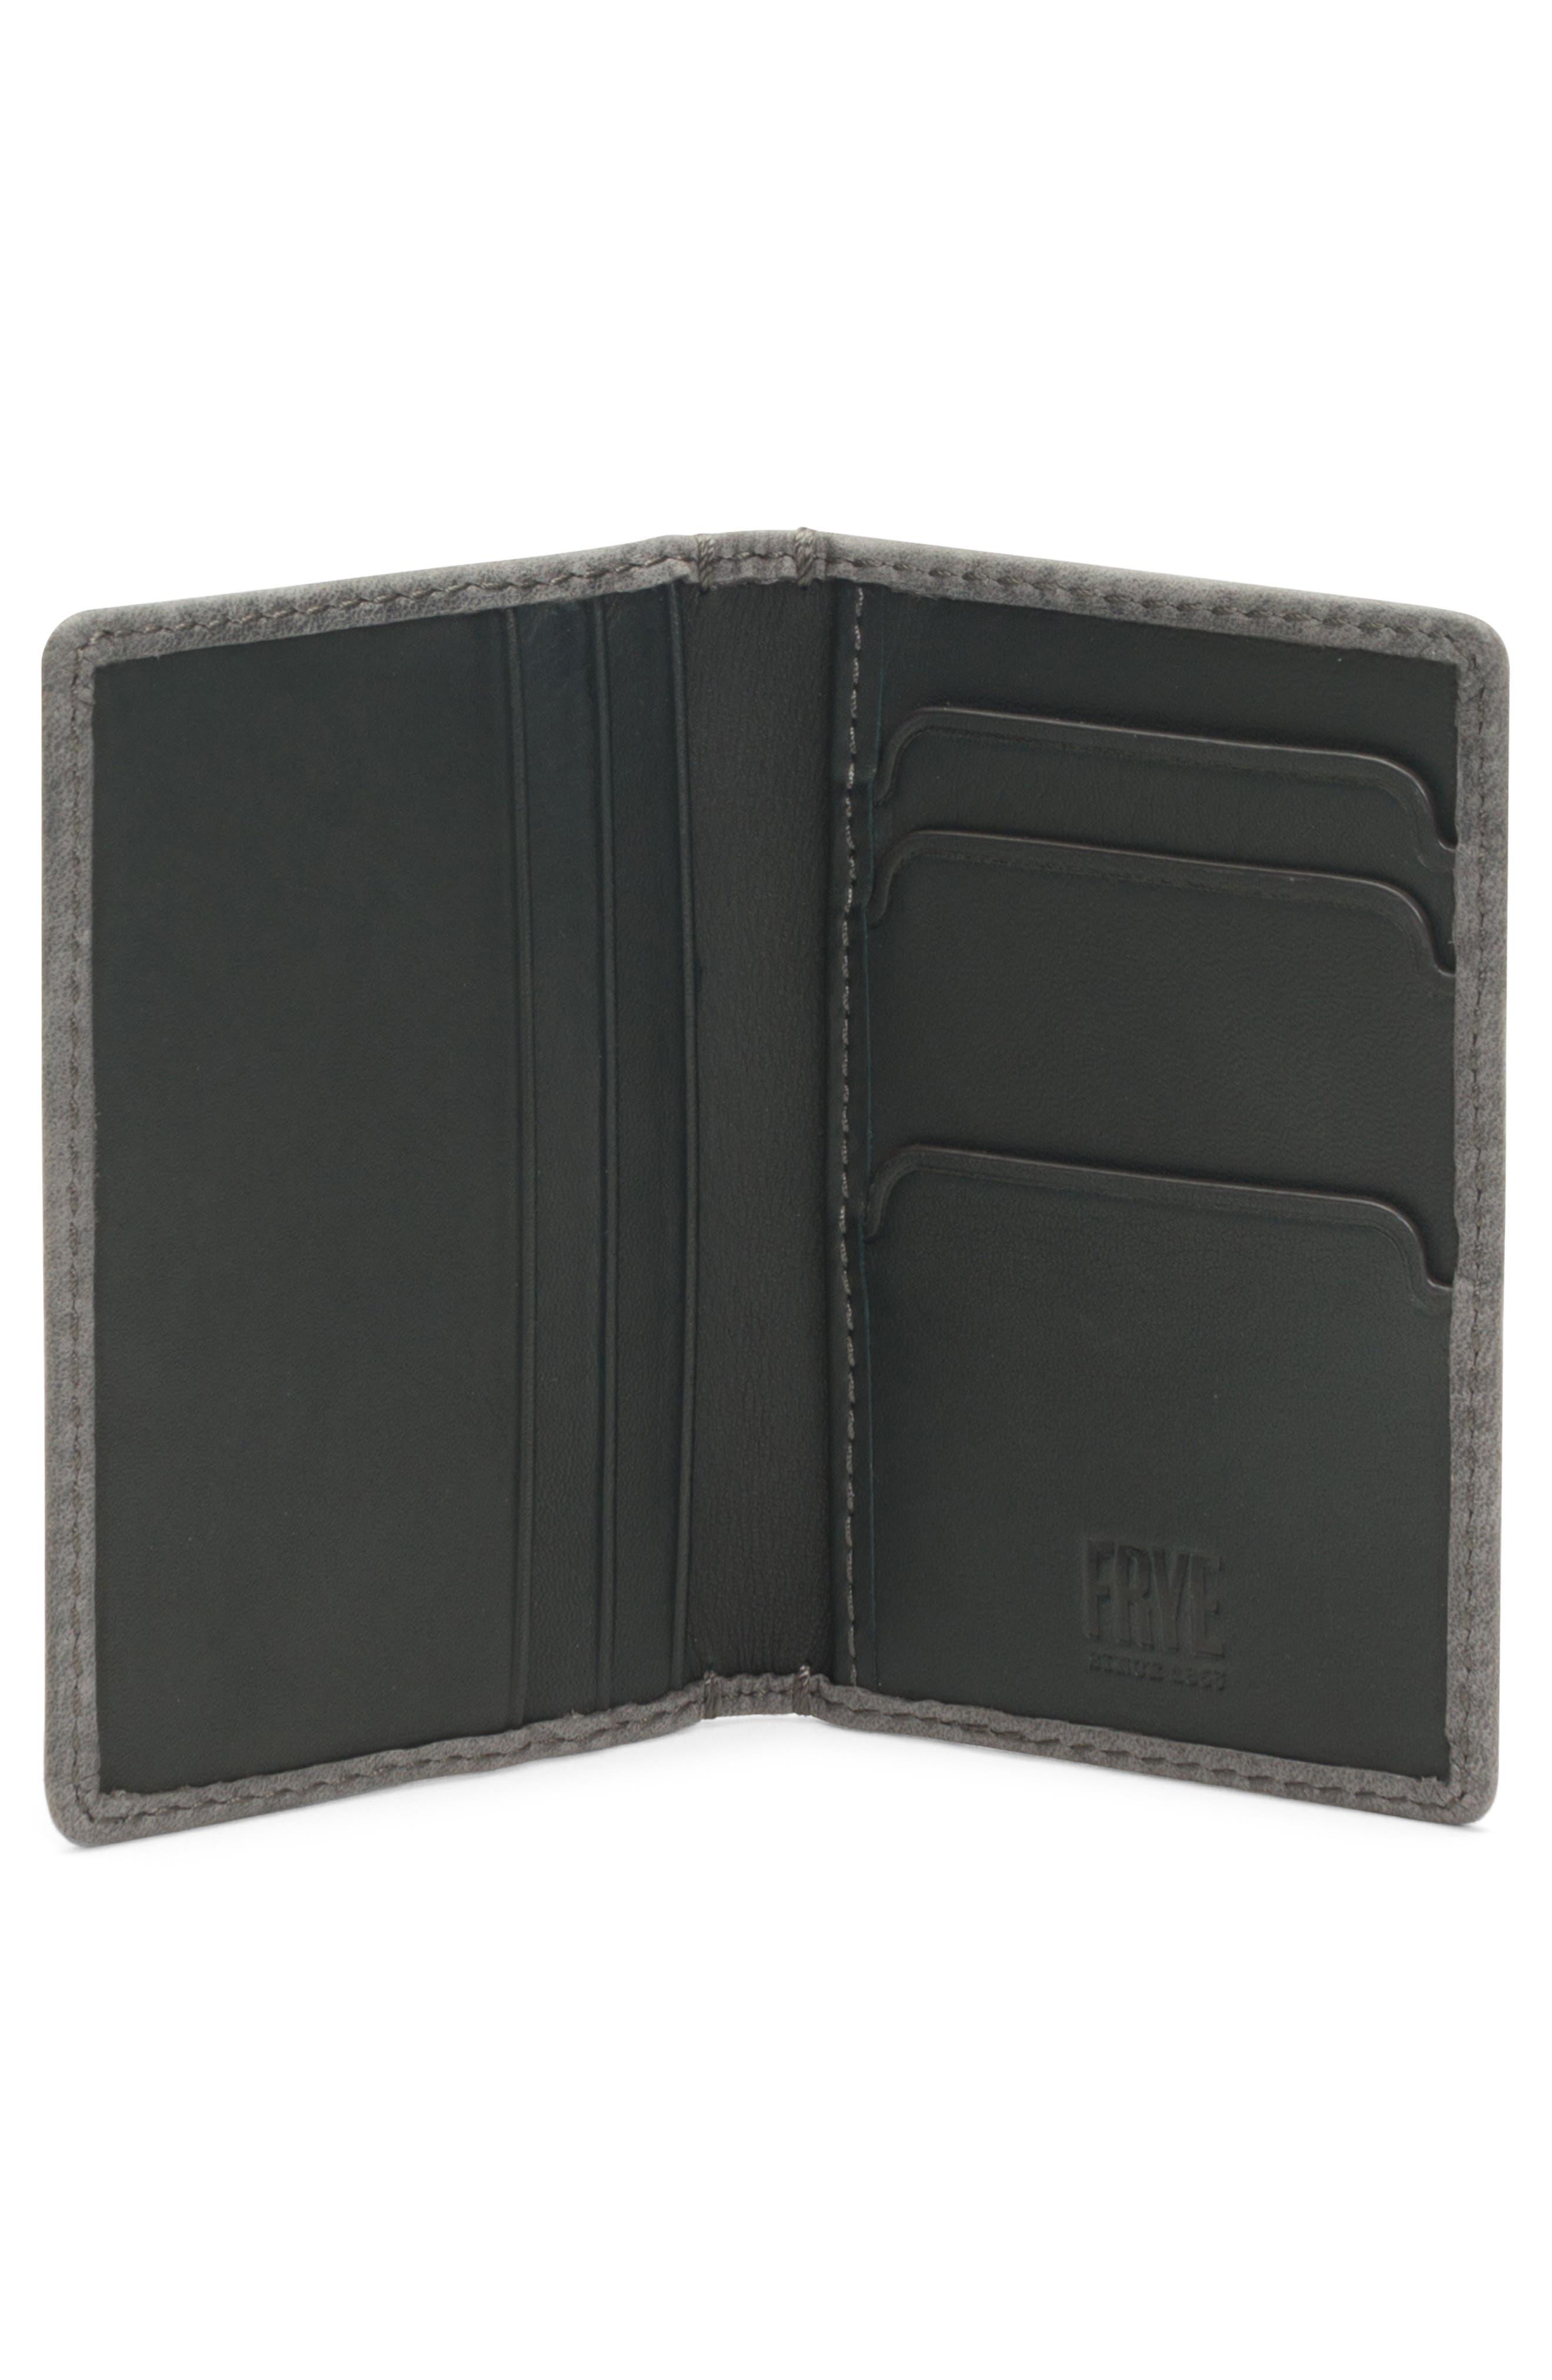 Oliver Leather Wallet,                             Alternate thumbnail 2, color,                             SLATE